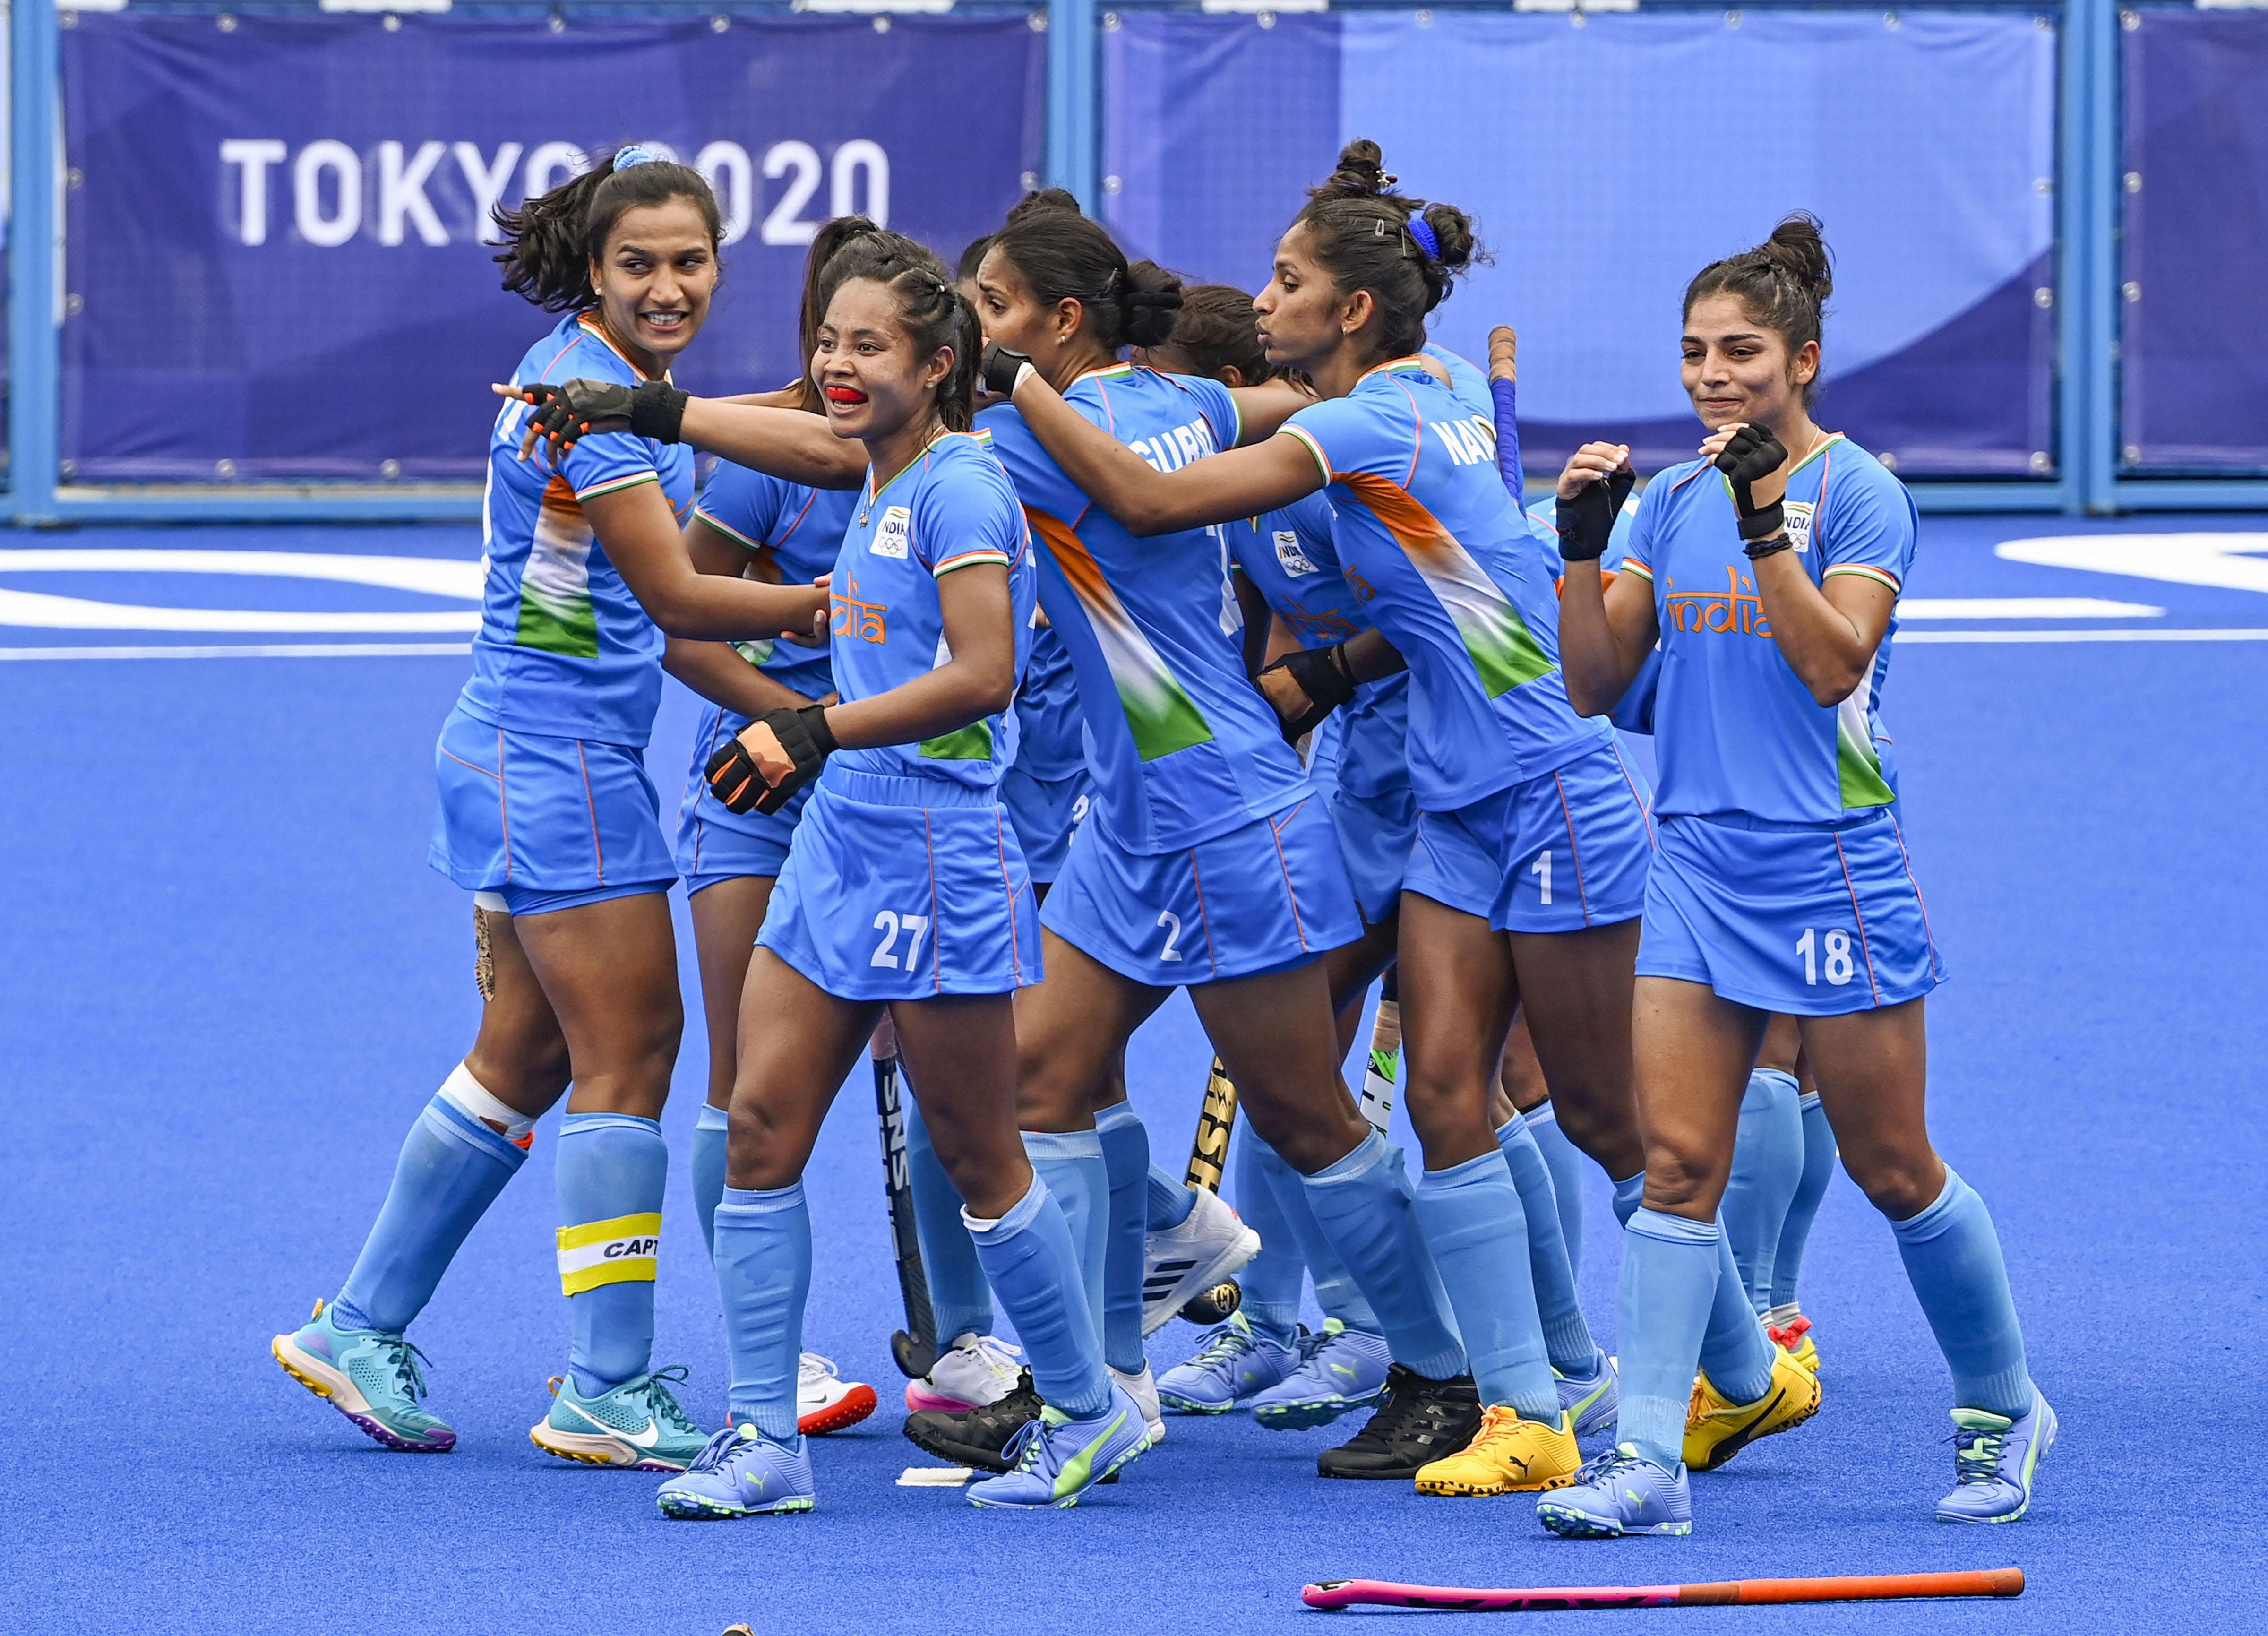 ઓસ્ટ્રેલિયા વિરુદ્ધ જીત પછી ભારતીય ટીમ.